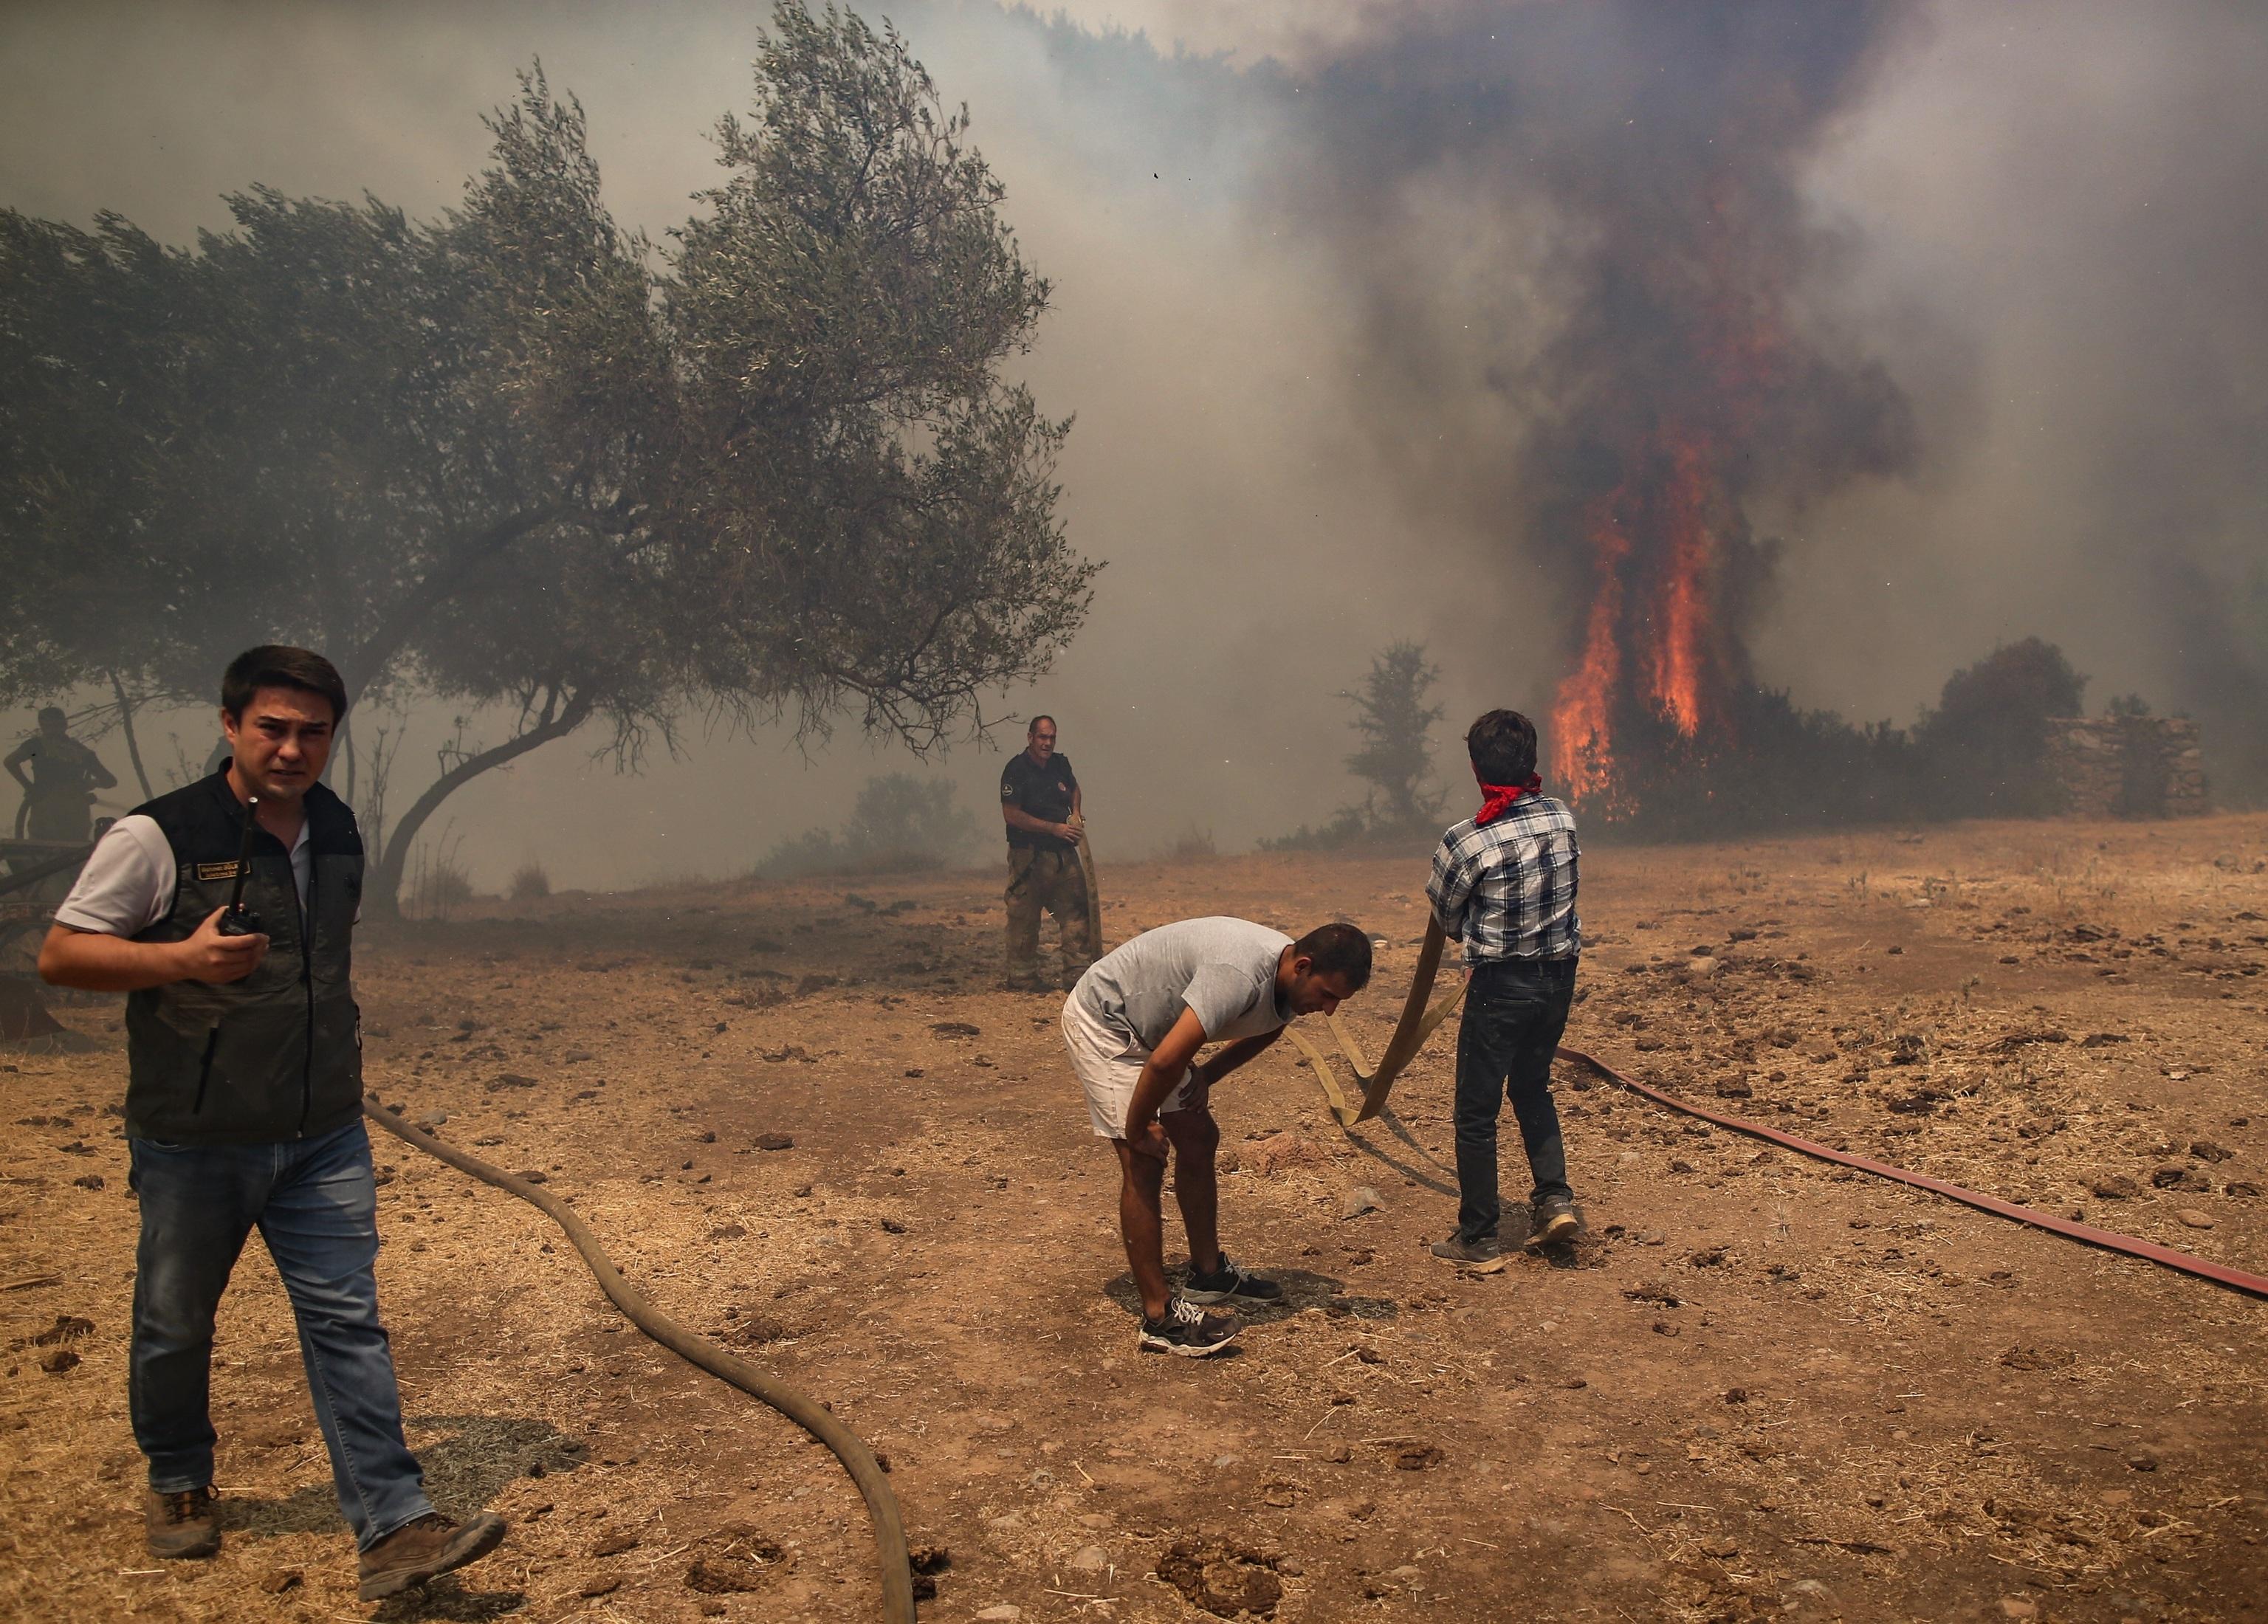 El fuego invade Mugla, Turquía.